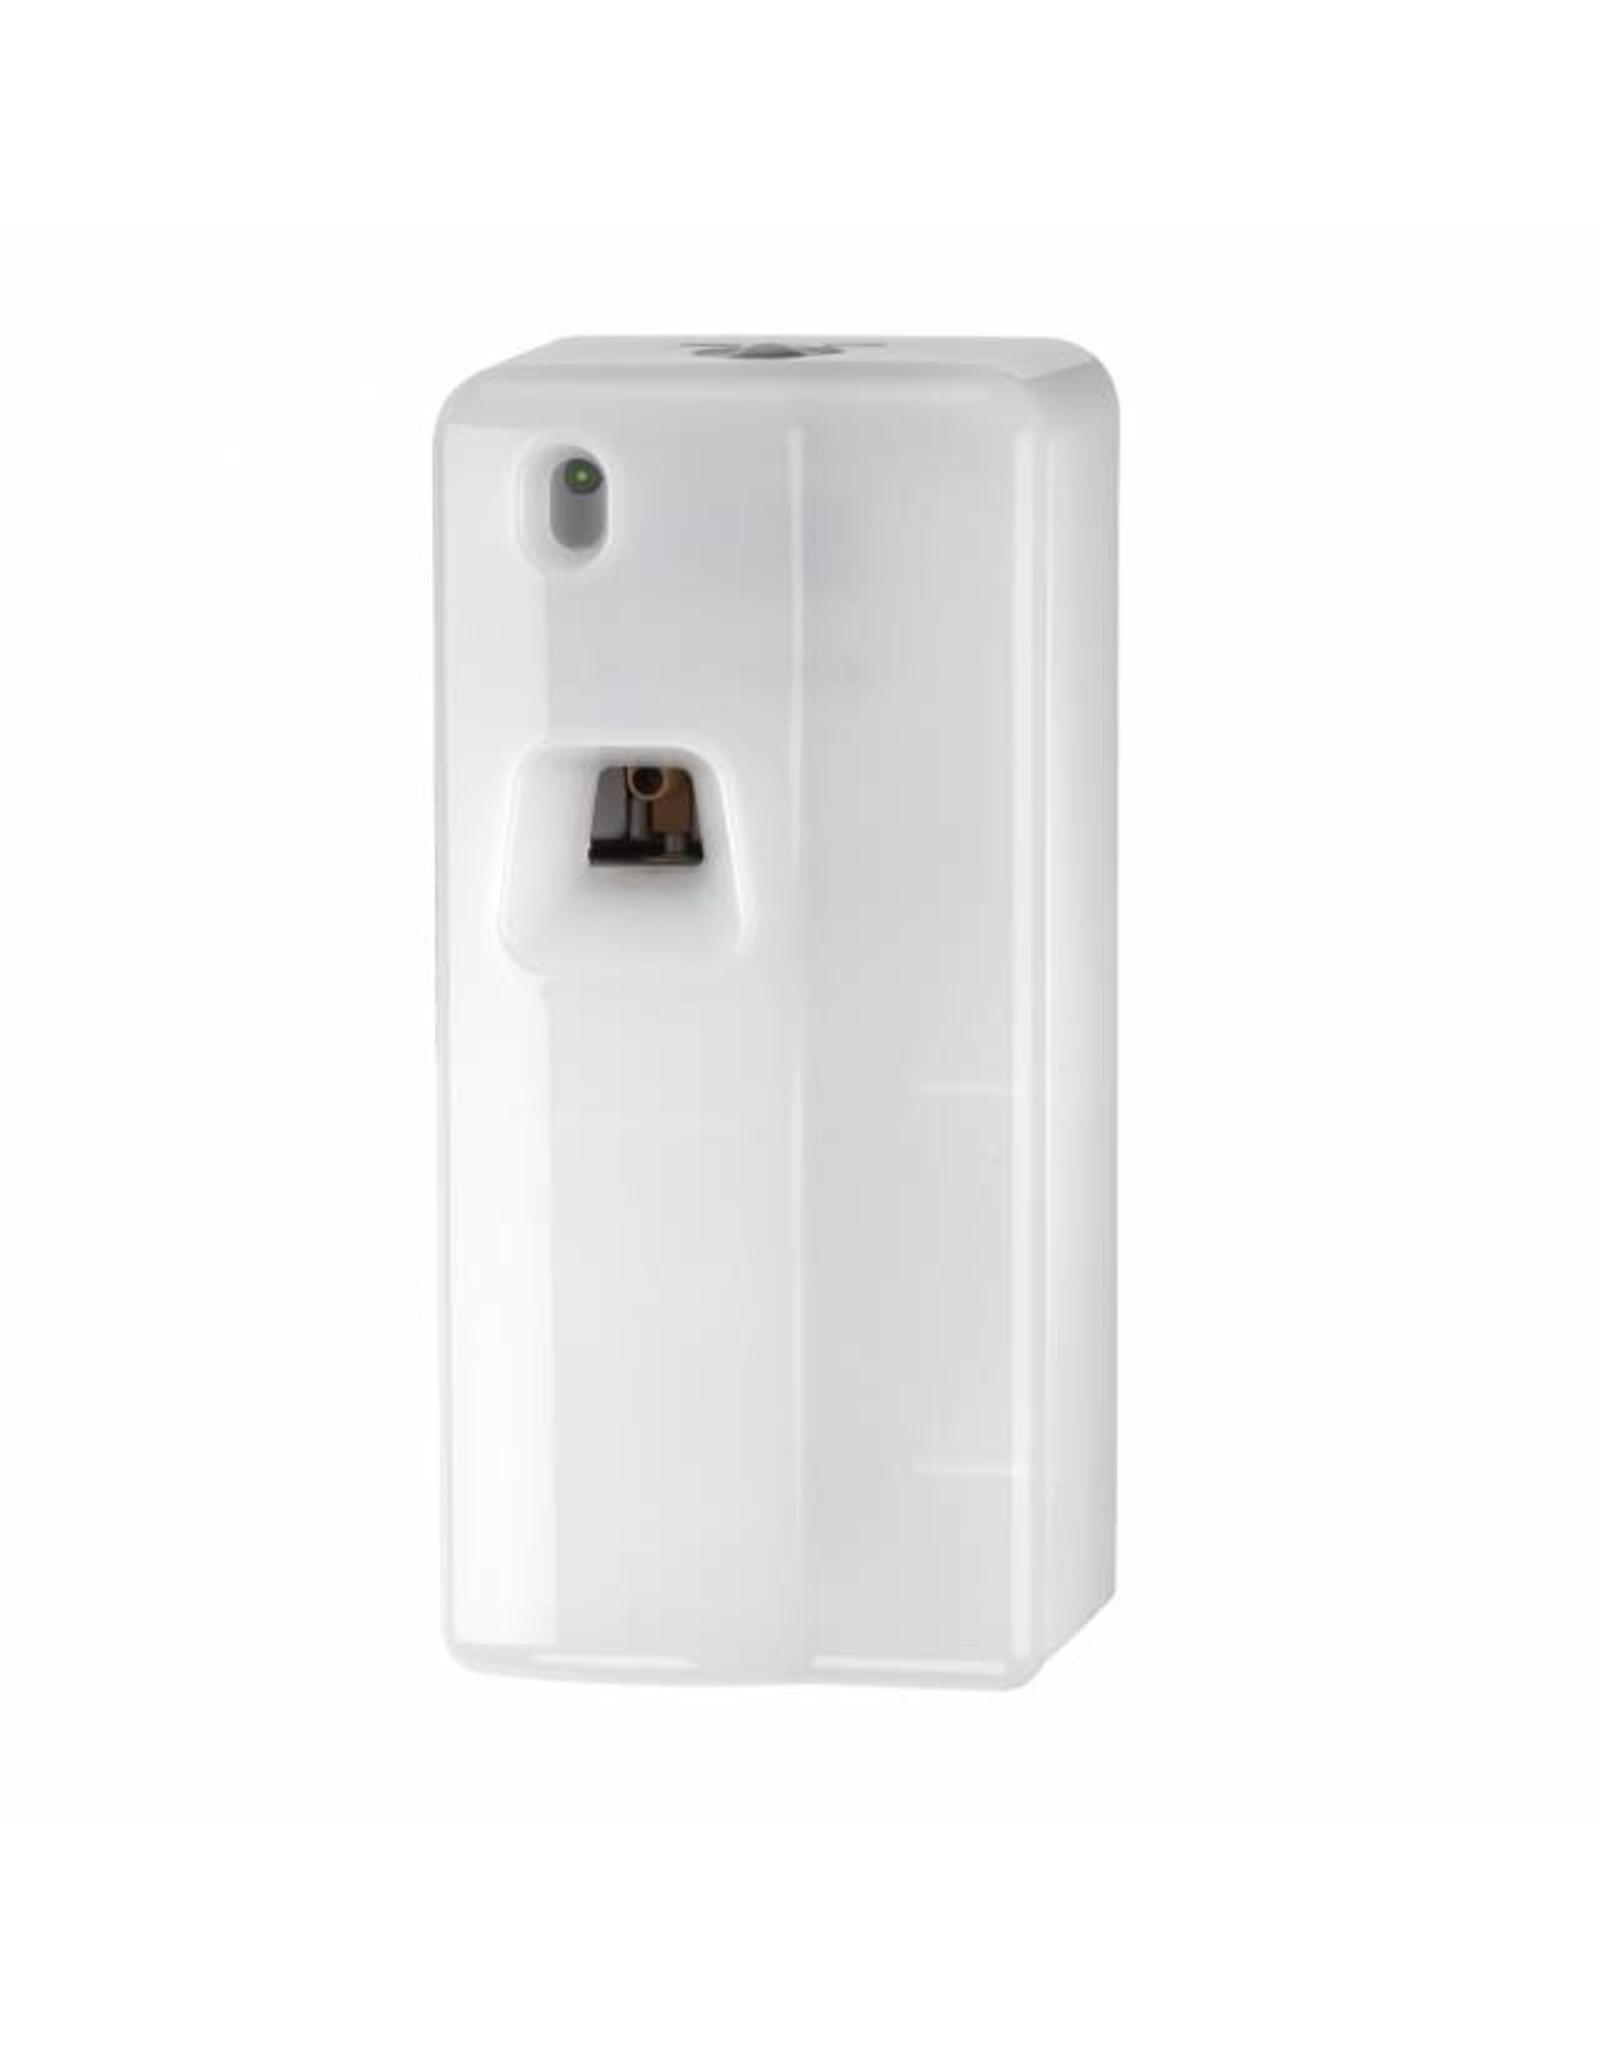 Dispenser Luchtverfrisser Microburst